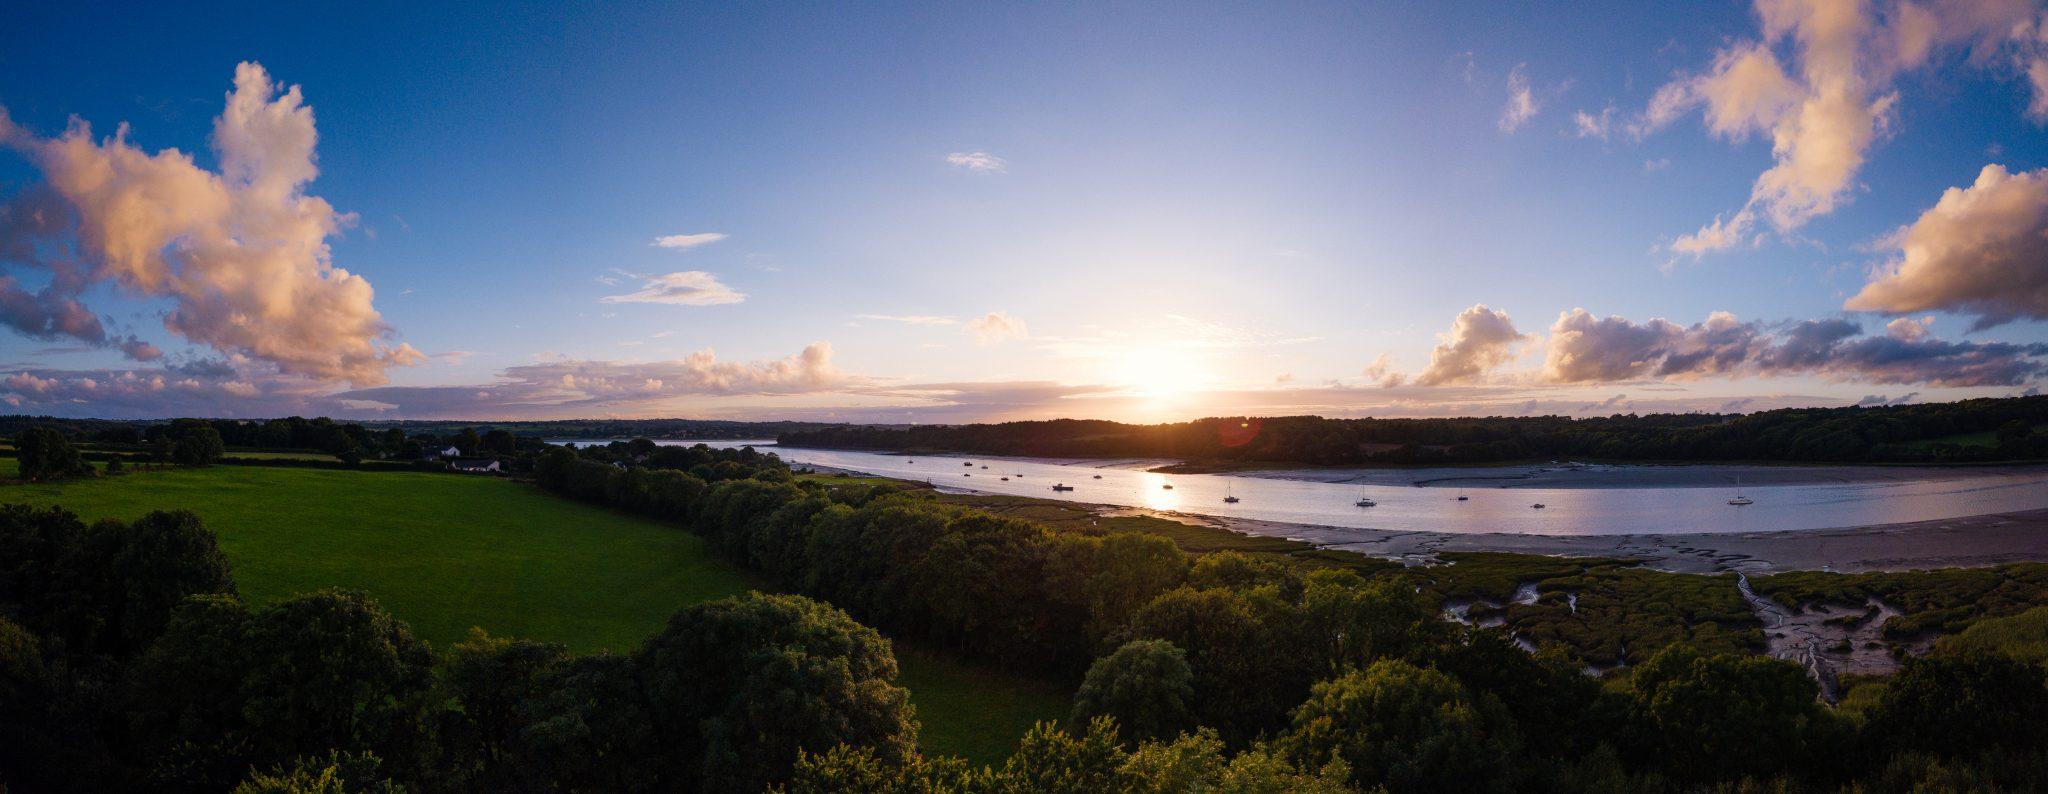 Mavic Pro Landshipping Sunset 2